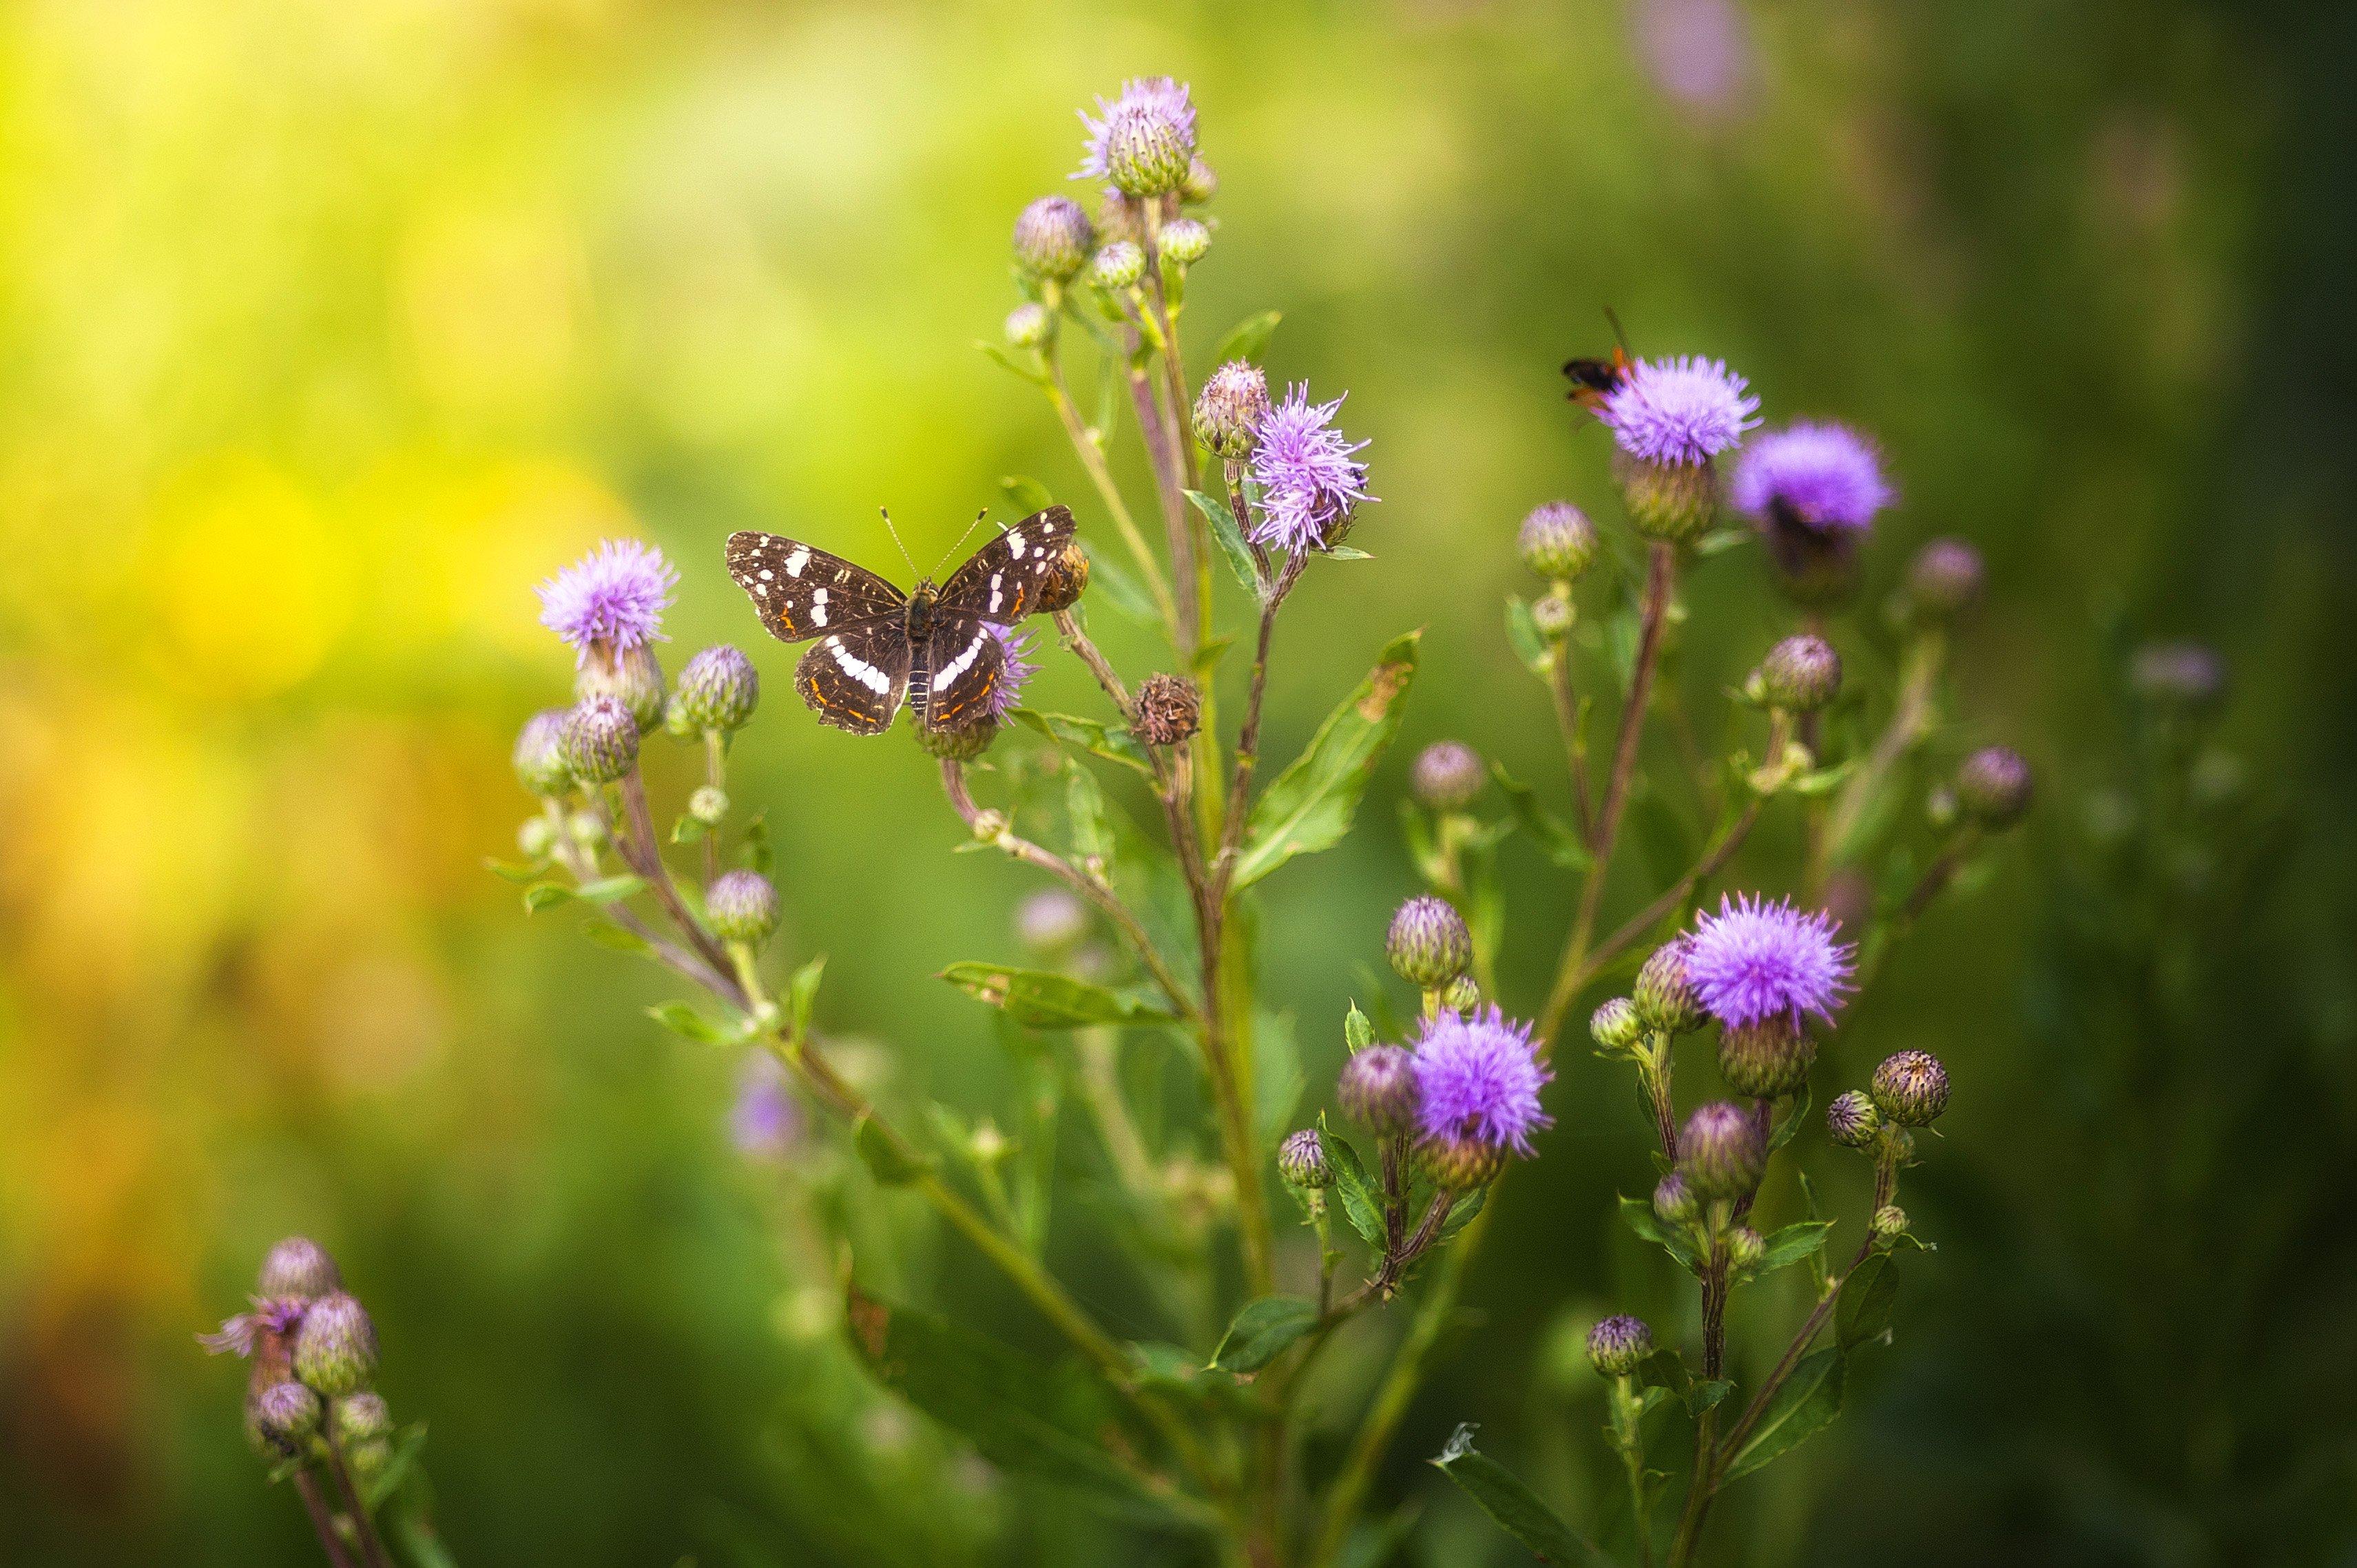 чертополох, бабочка, лето, свет, солнце, зелень, насекомые, трава, цветок, Логачёв Илья